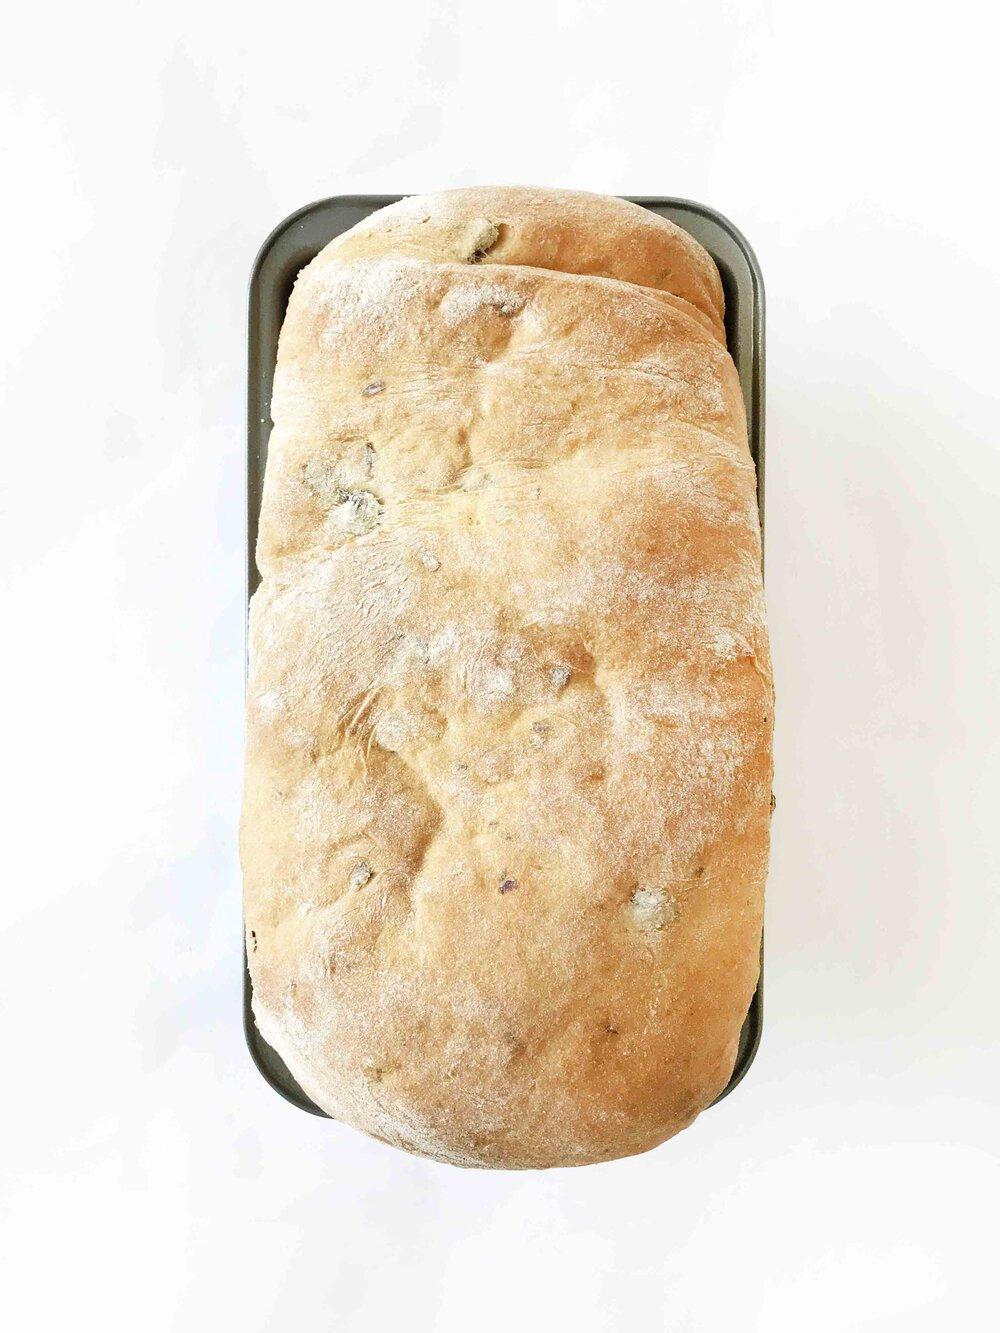 cinnamon-raisin-bread8.jpg